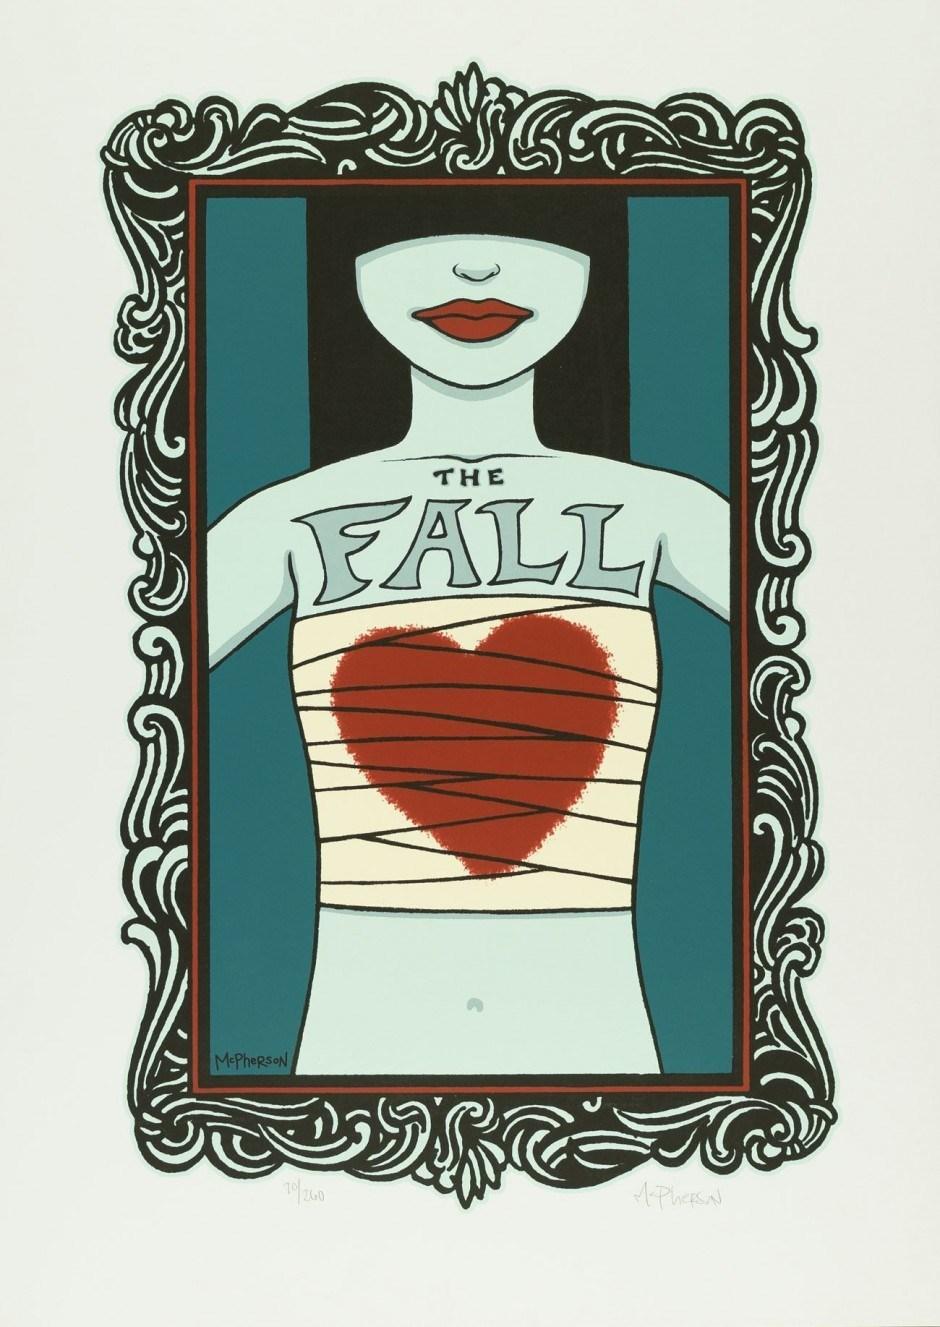 Tara McPherson, The Fall, 2004, Siebdruck, 80,8 x 57,8 cm